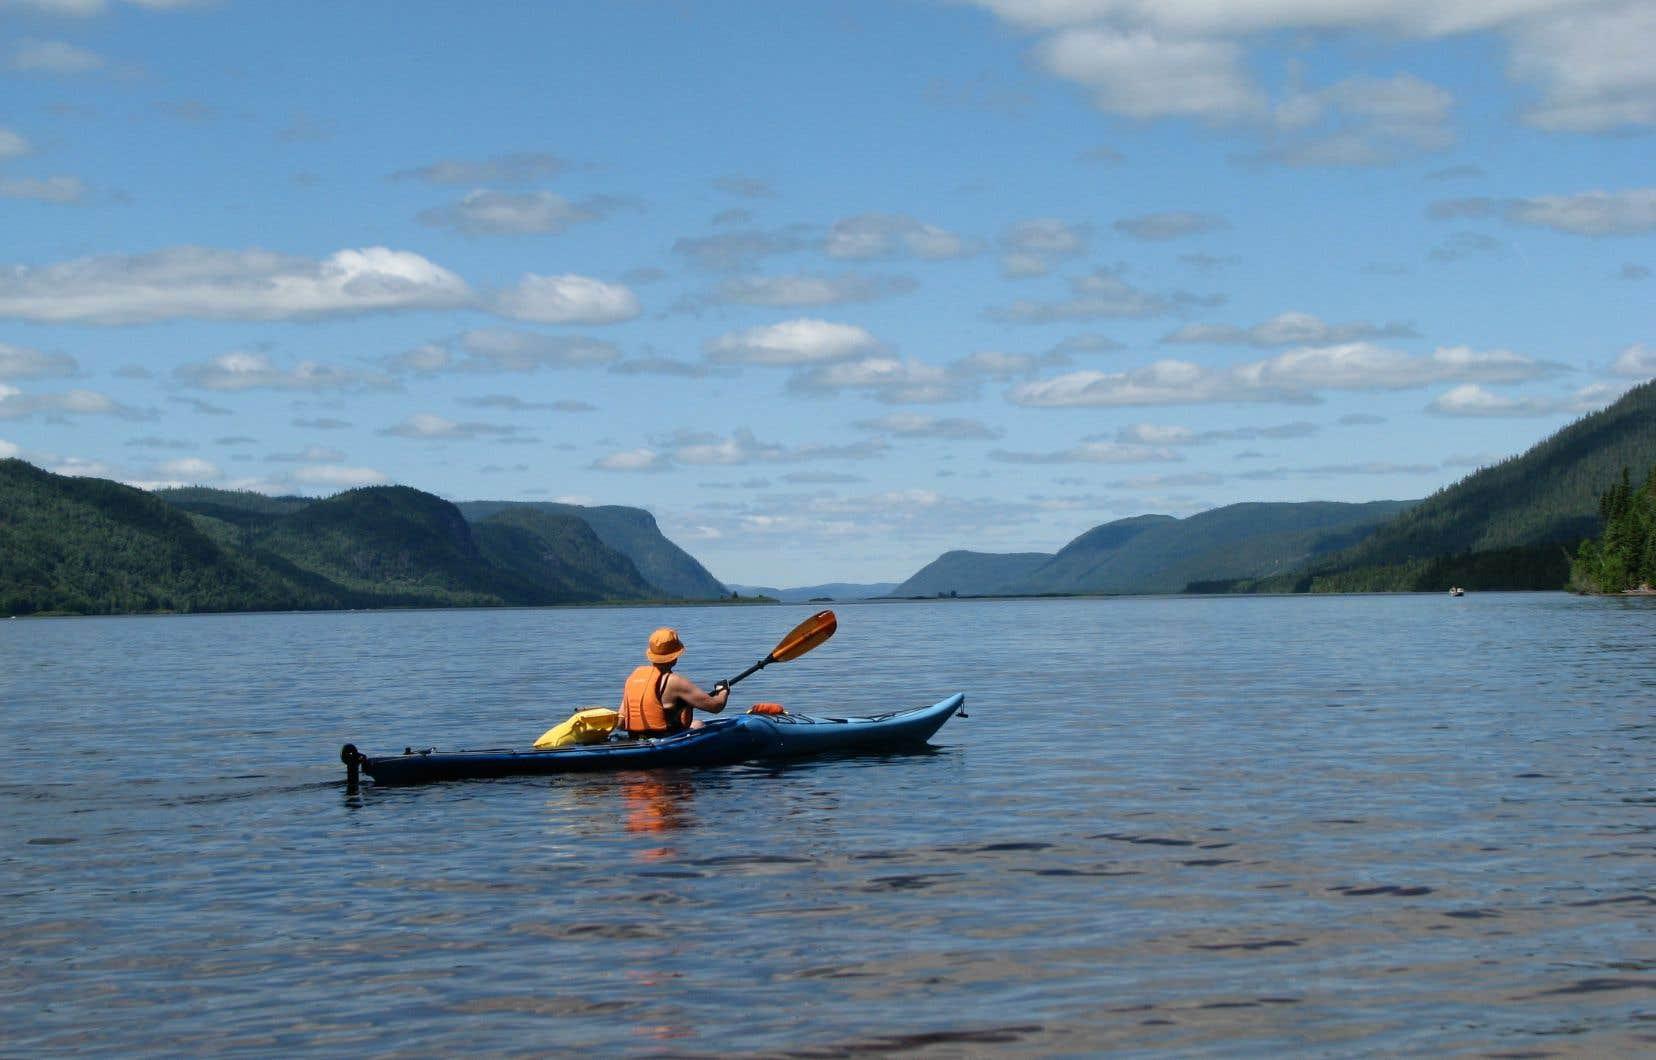 Le projet d'aire protégée de la rivière Péribonka a été conçu pour protéger un tronçon de 80 kilomètres de la rivière, qui se jette dans le lac Saint-Jean.